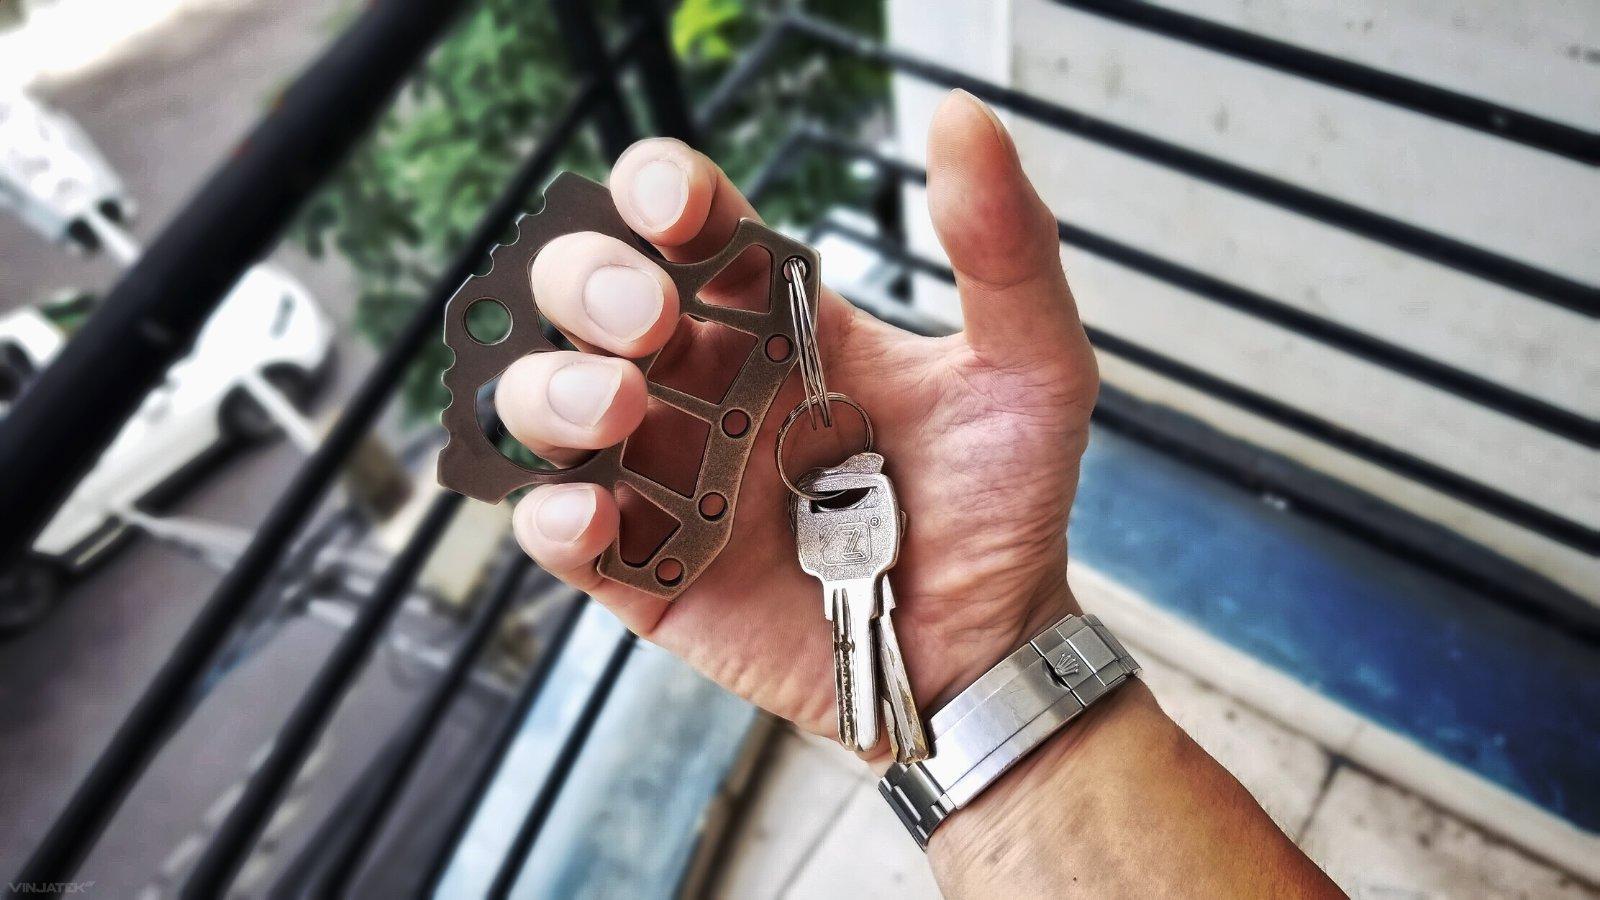 Brass Knuckles Keychain EDC with Rolex Submariner /// Vinjatek